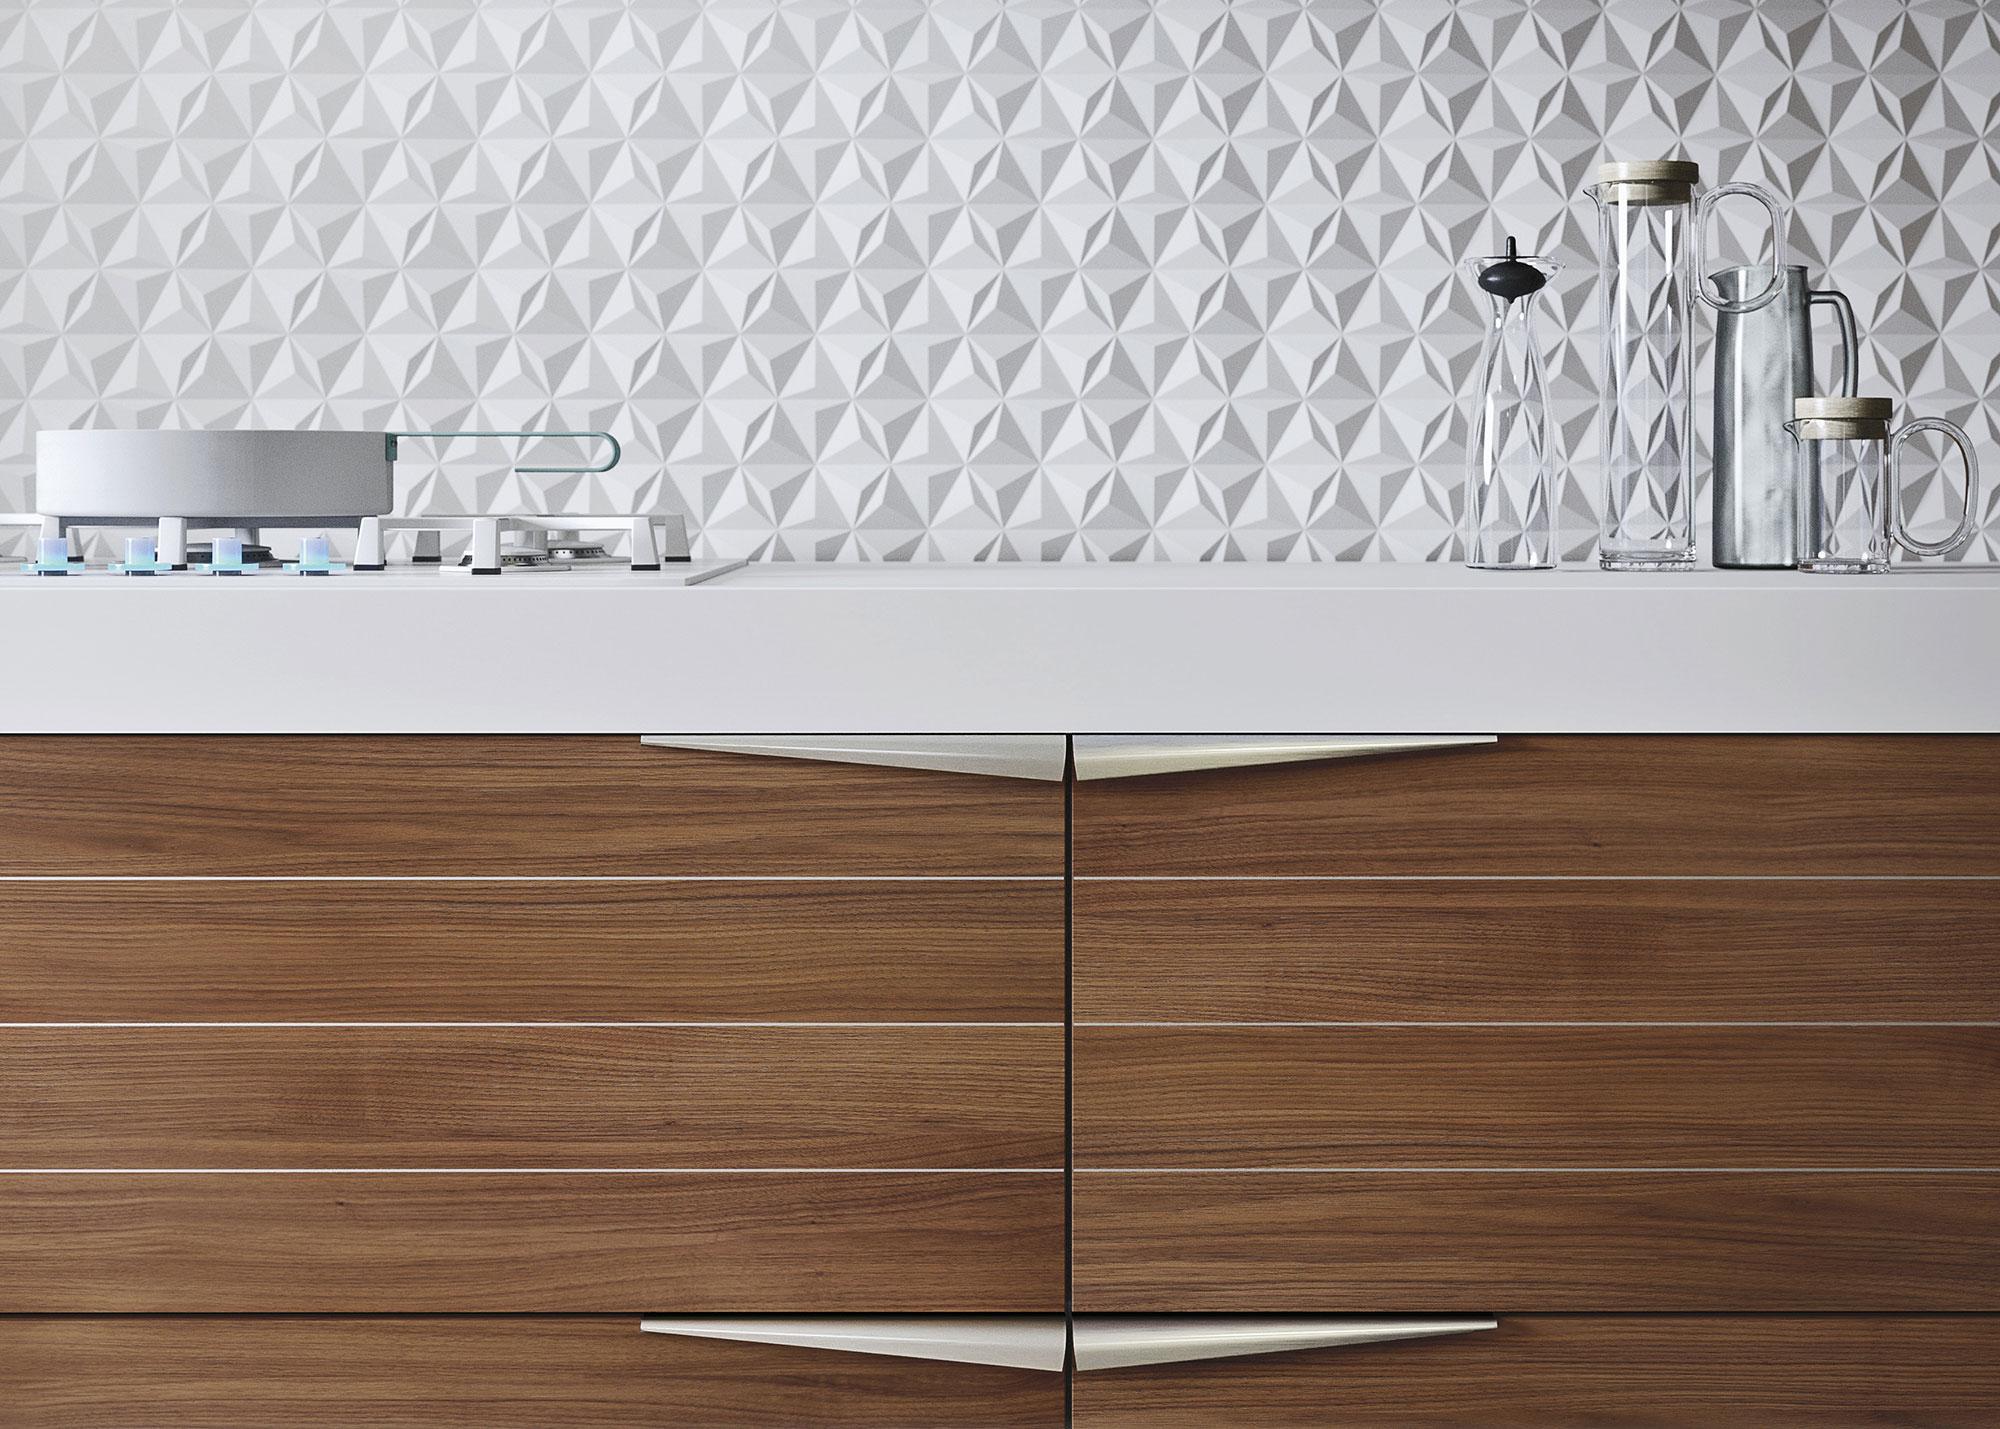 Современный дизайн кухонного гарнитура: ручки в виде треугольников